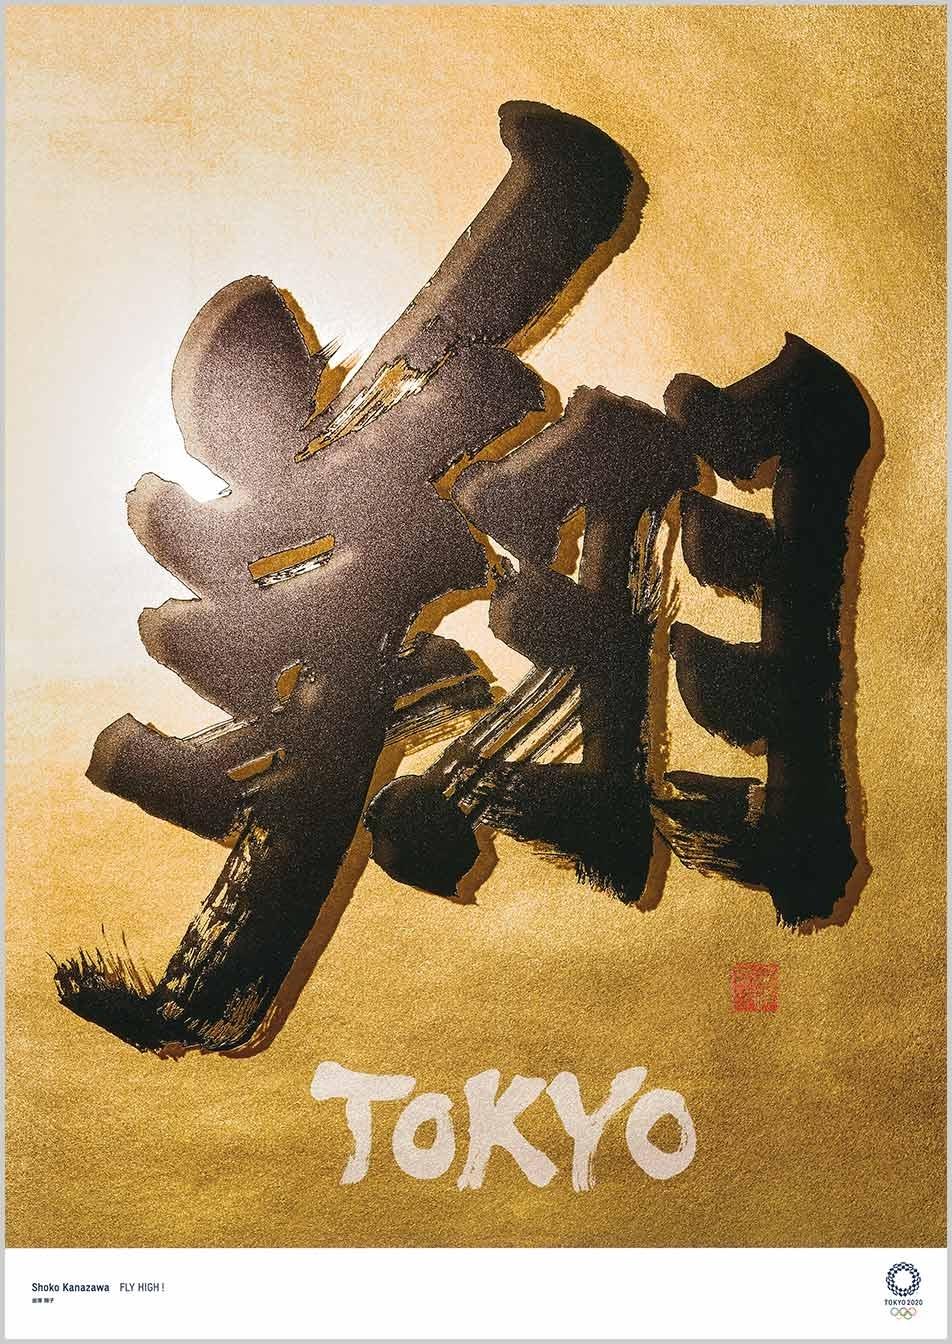 Shoko Kanazawa (Calígrafo) Cartazes oficiais para os Jogos Olímpicos Tóquio 2020